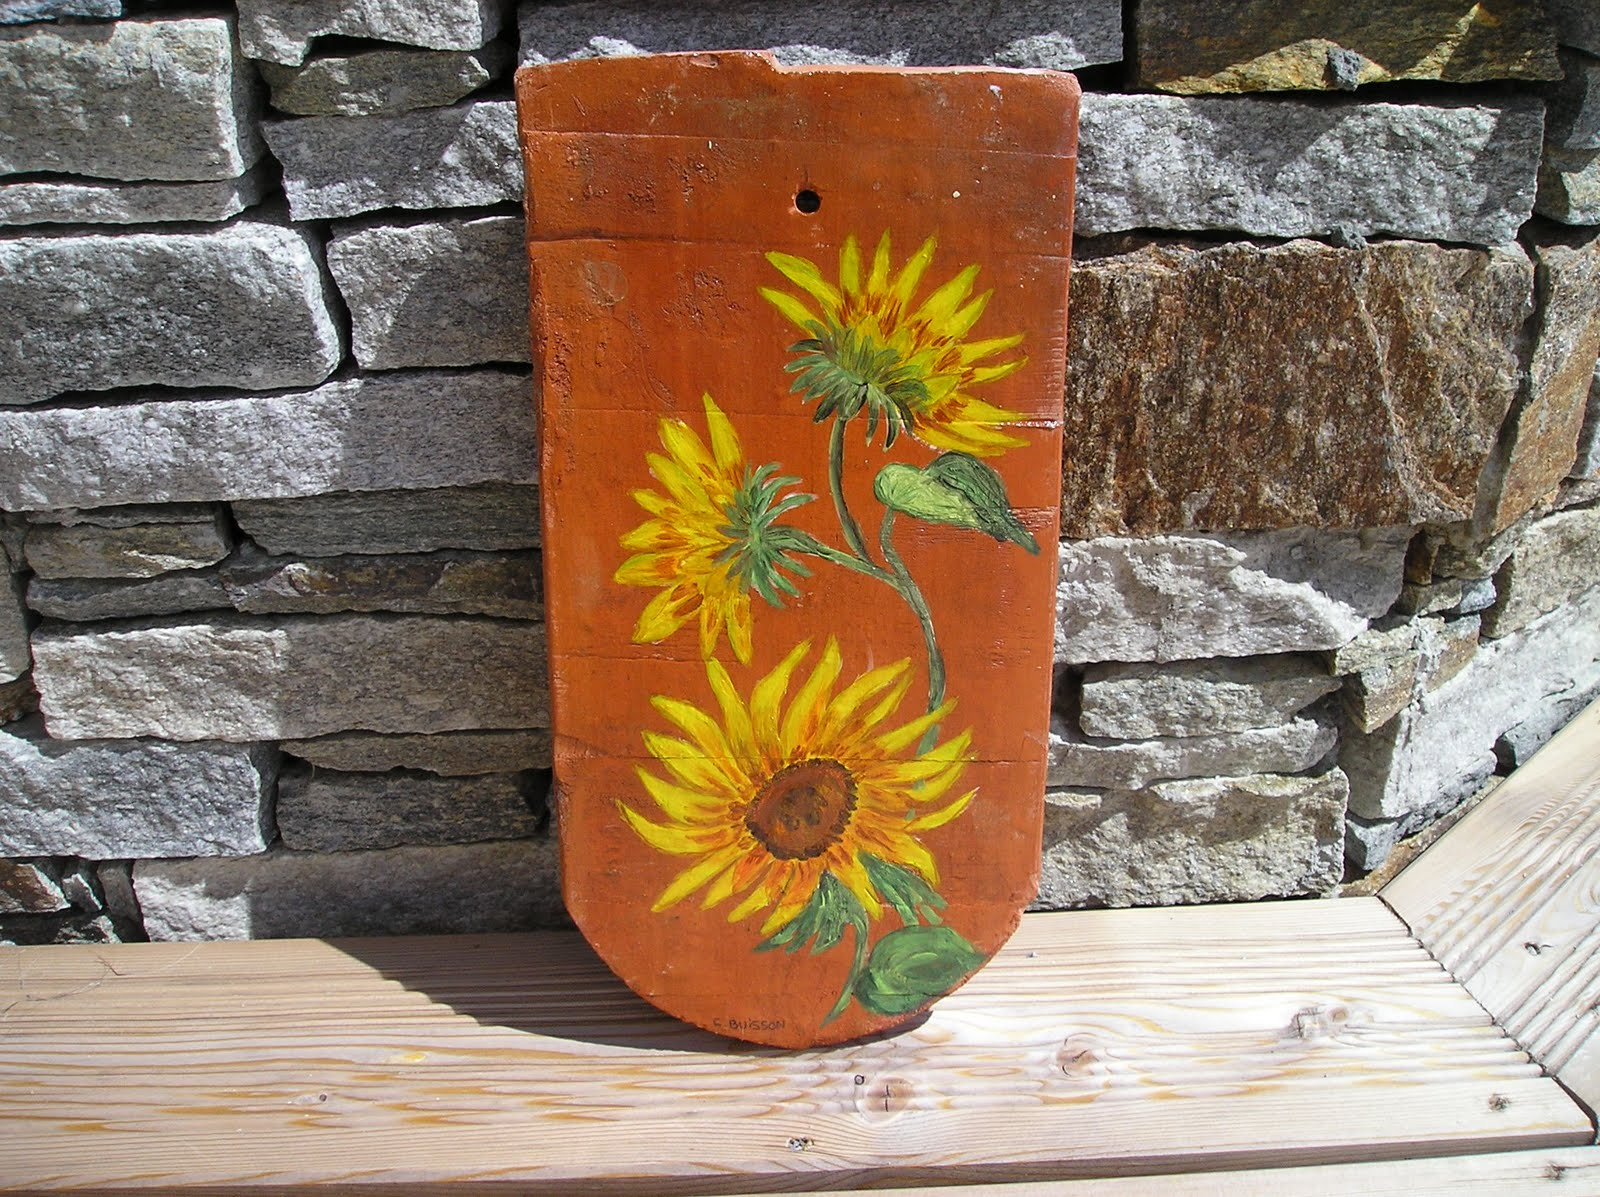 Art d co bois flott peinture d corative objets divers for Peindre sur bois